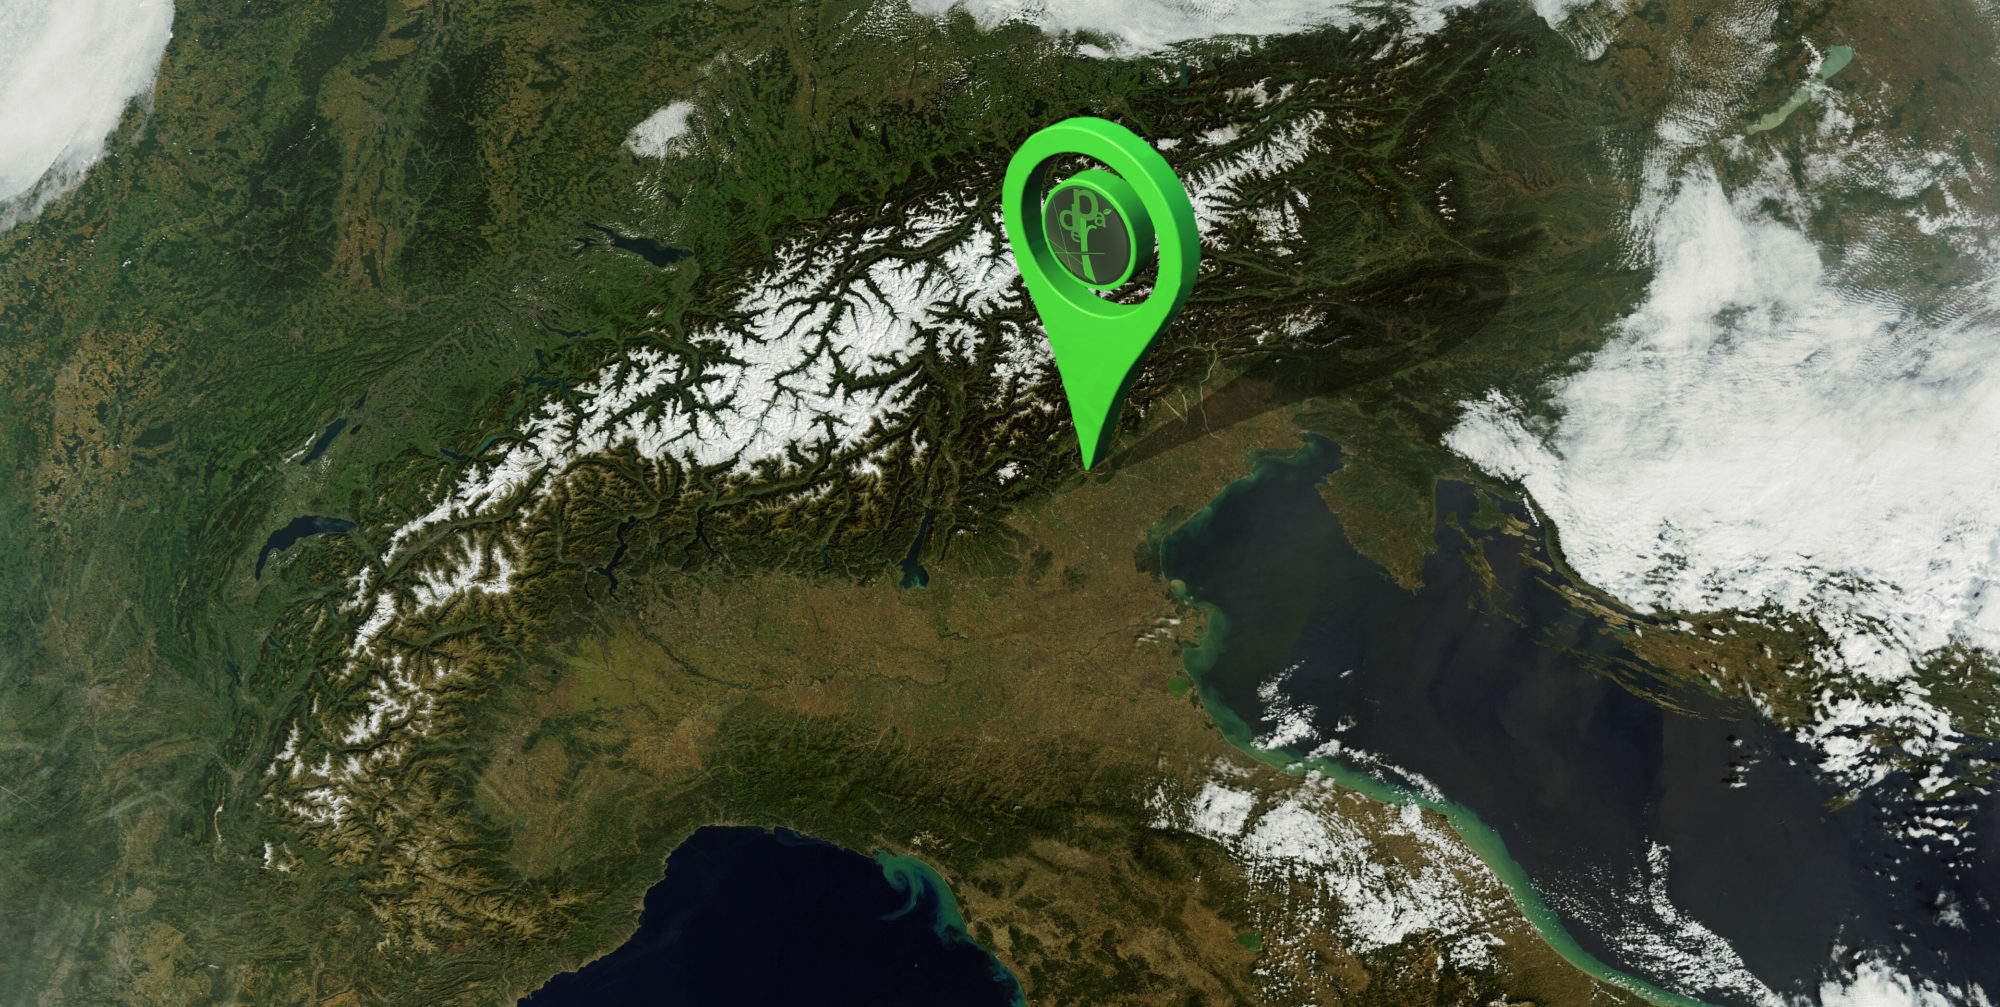 Foto satellitare nord italia con Geotag e logo aziendale